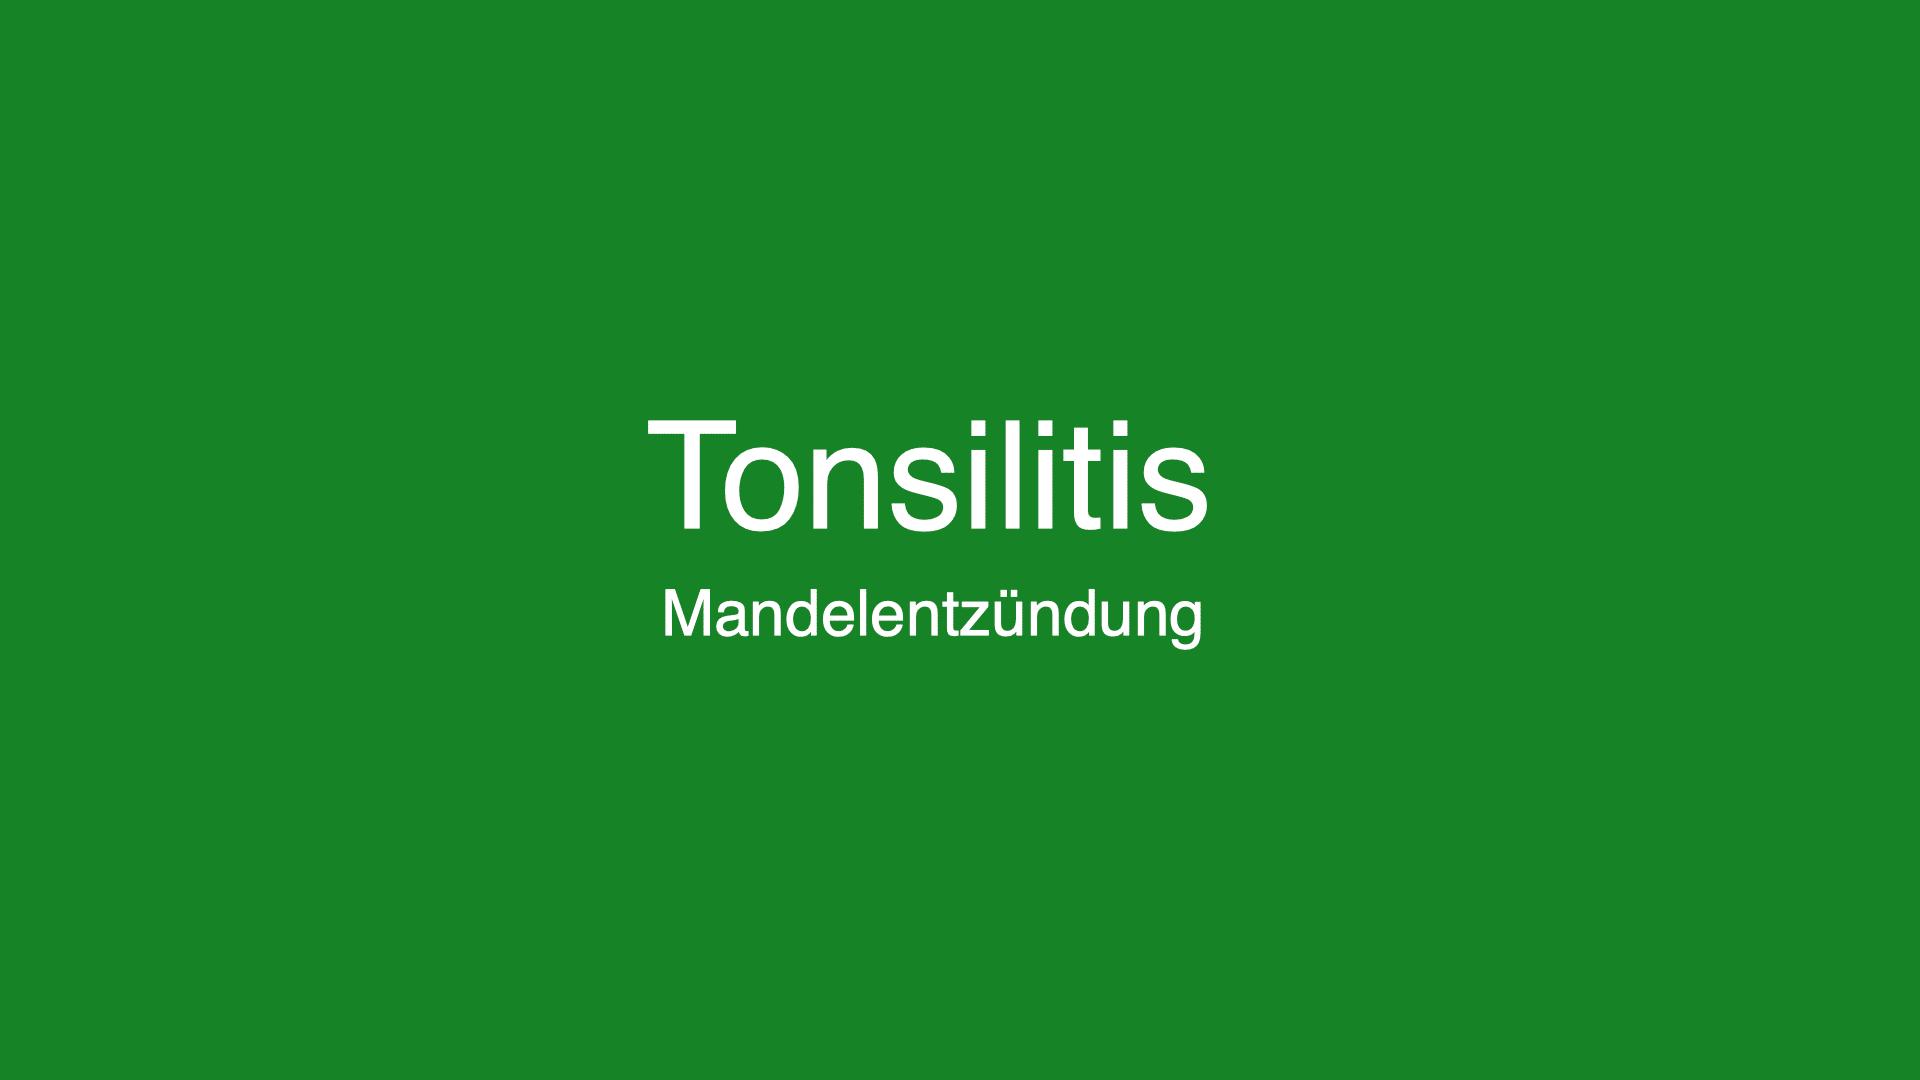 Mandelentzündung - Ursachen, Symptome und Behandlung von Tonsilitis